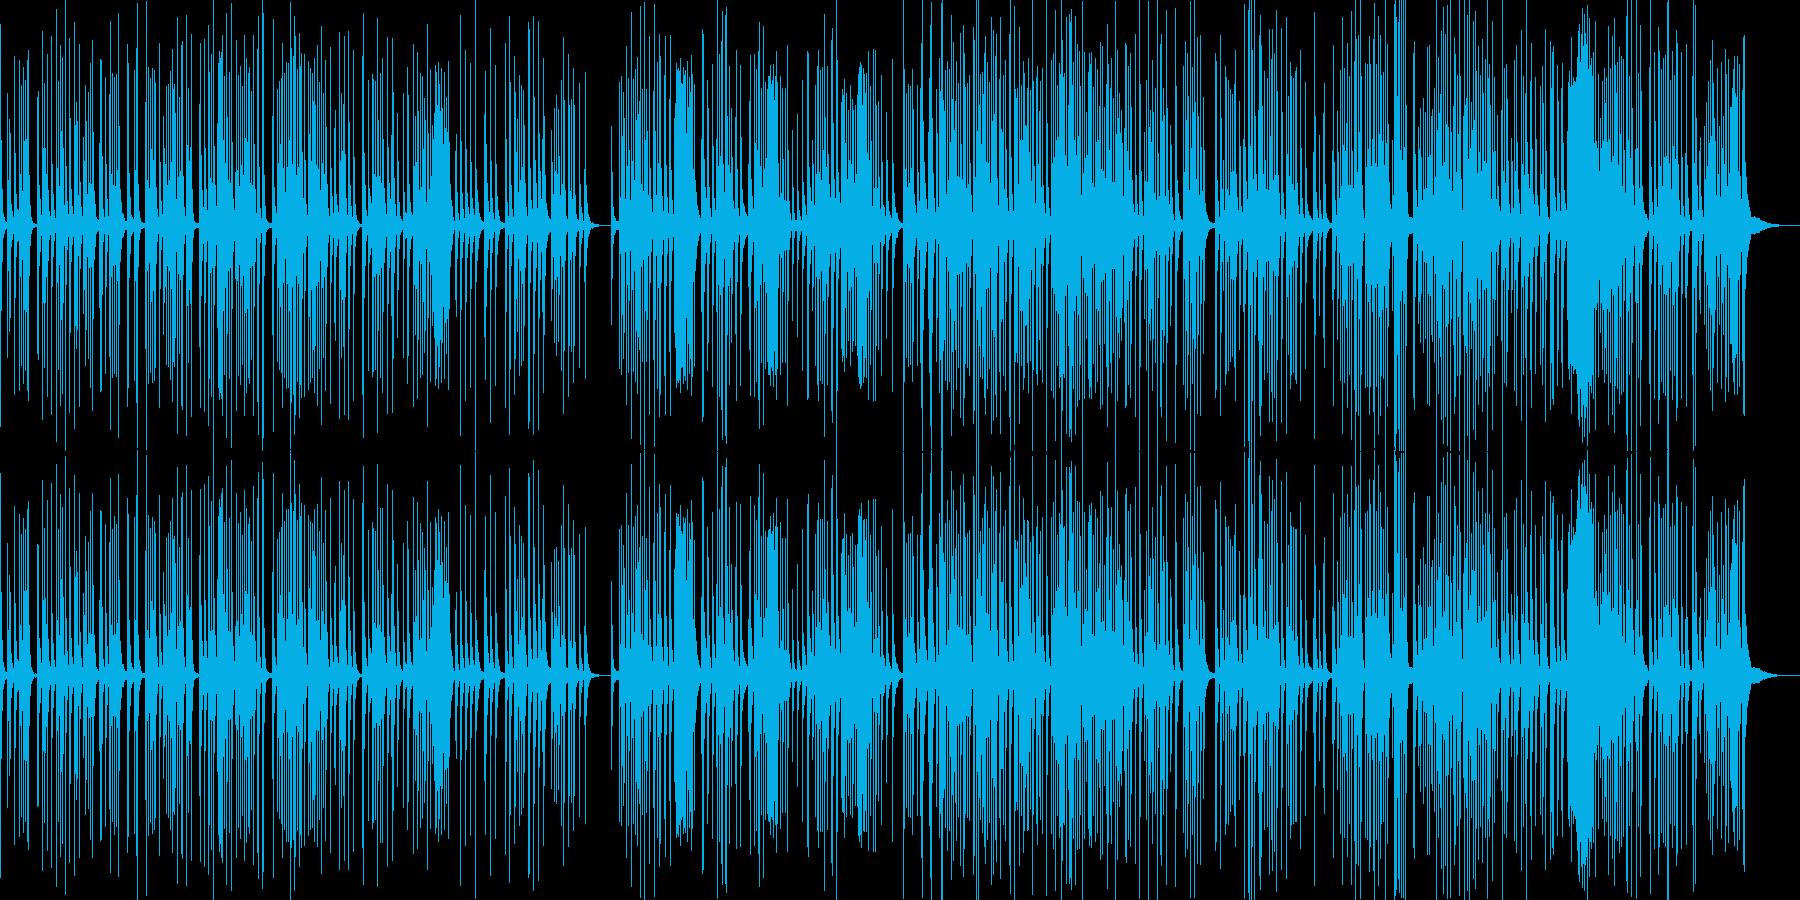 筝曲の雰囲気の和風BGMの再生済みの波形